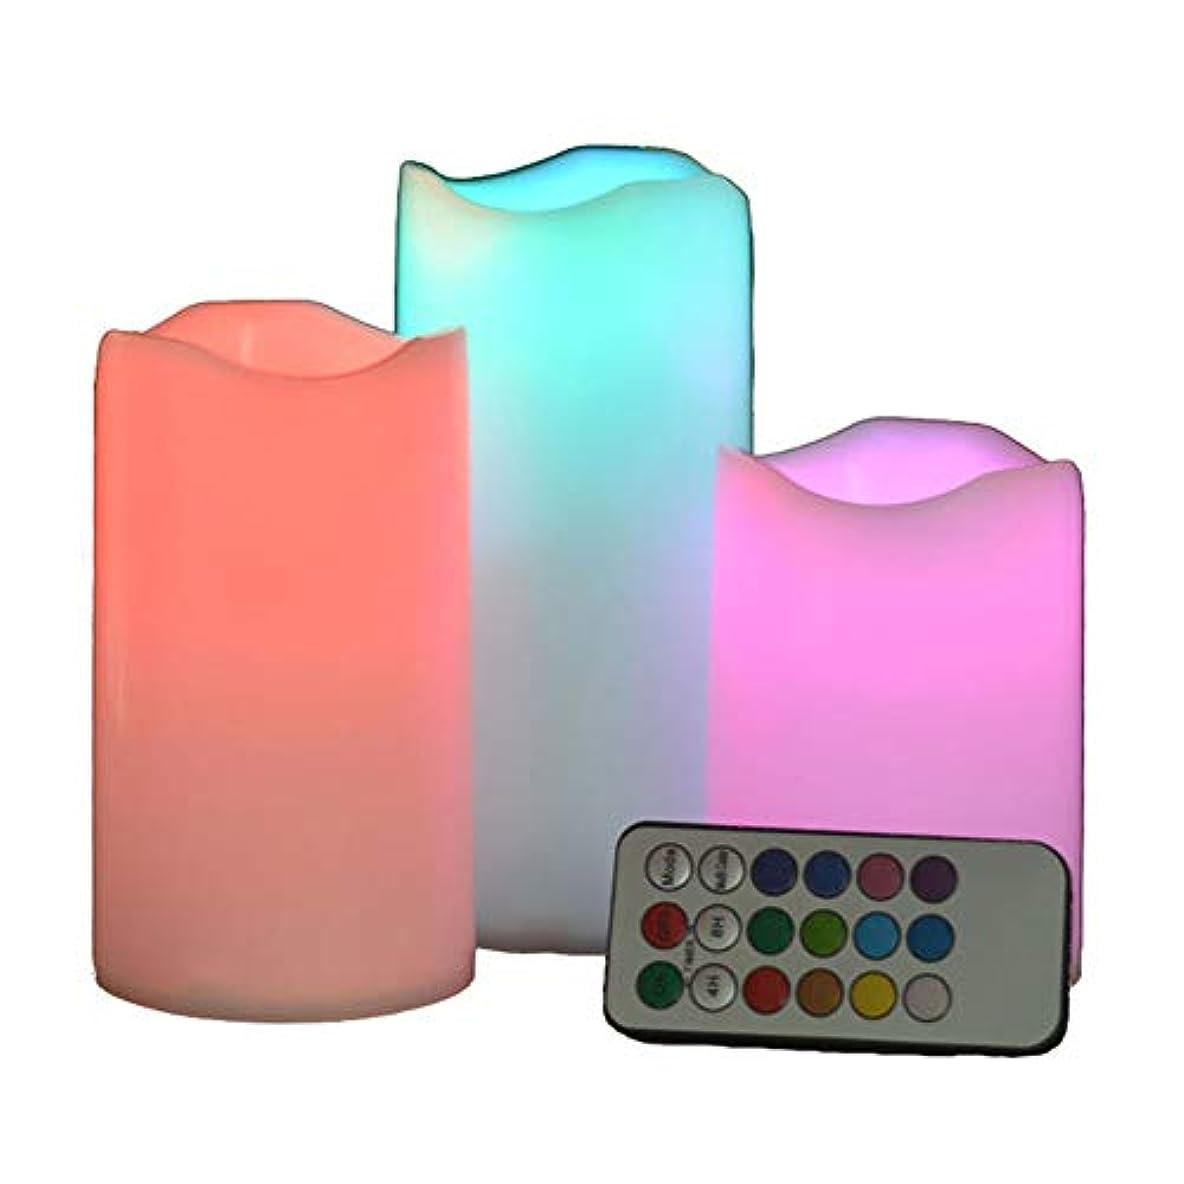 ガレージ要旨伝染病LEDリモートコントロール電子キャンドルクリエイティブ18キータイミングカラフルなプラスチッククリスマスライトキャンドルライト(バッテリーなし)